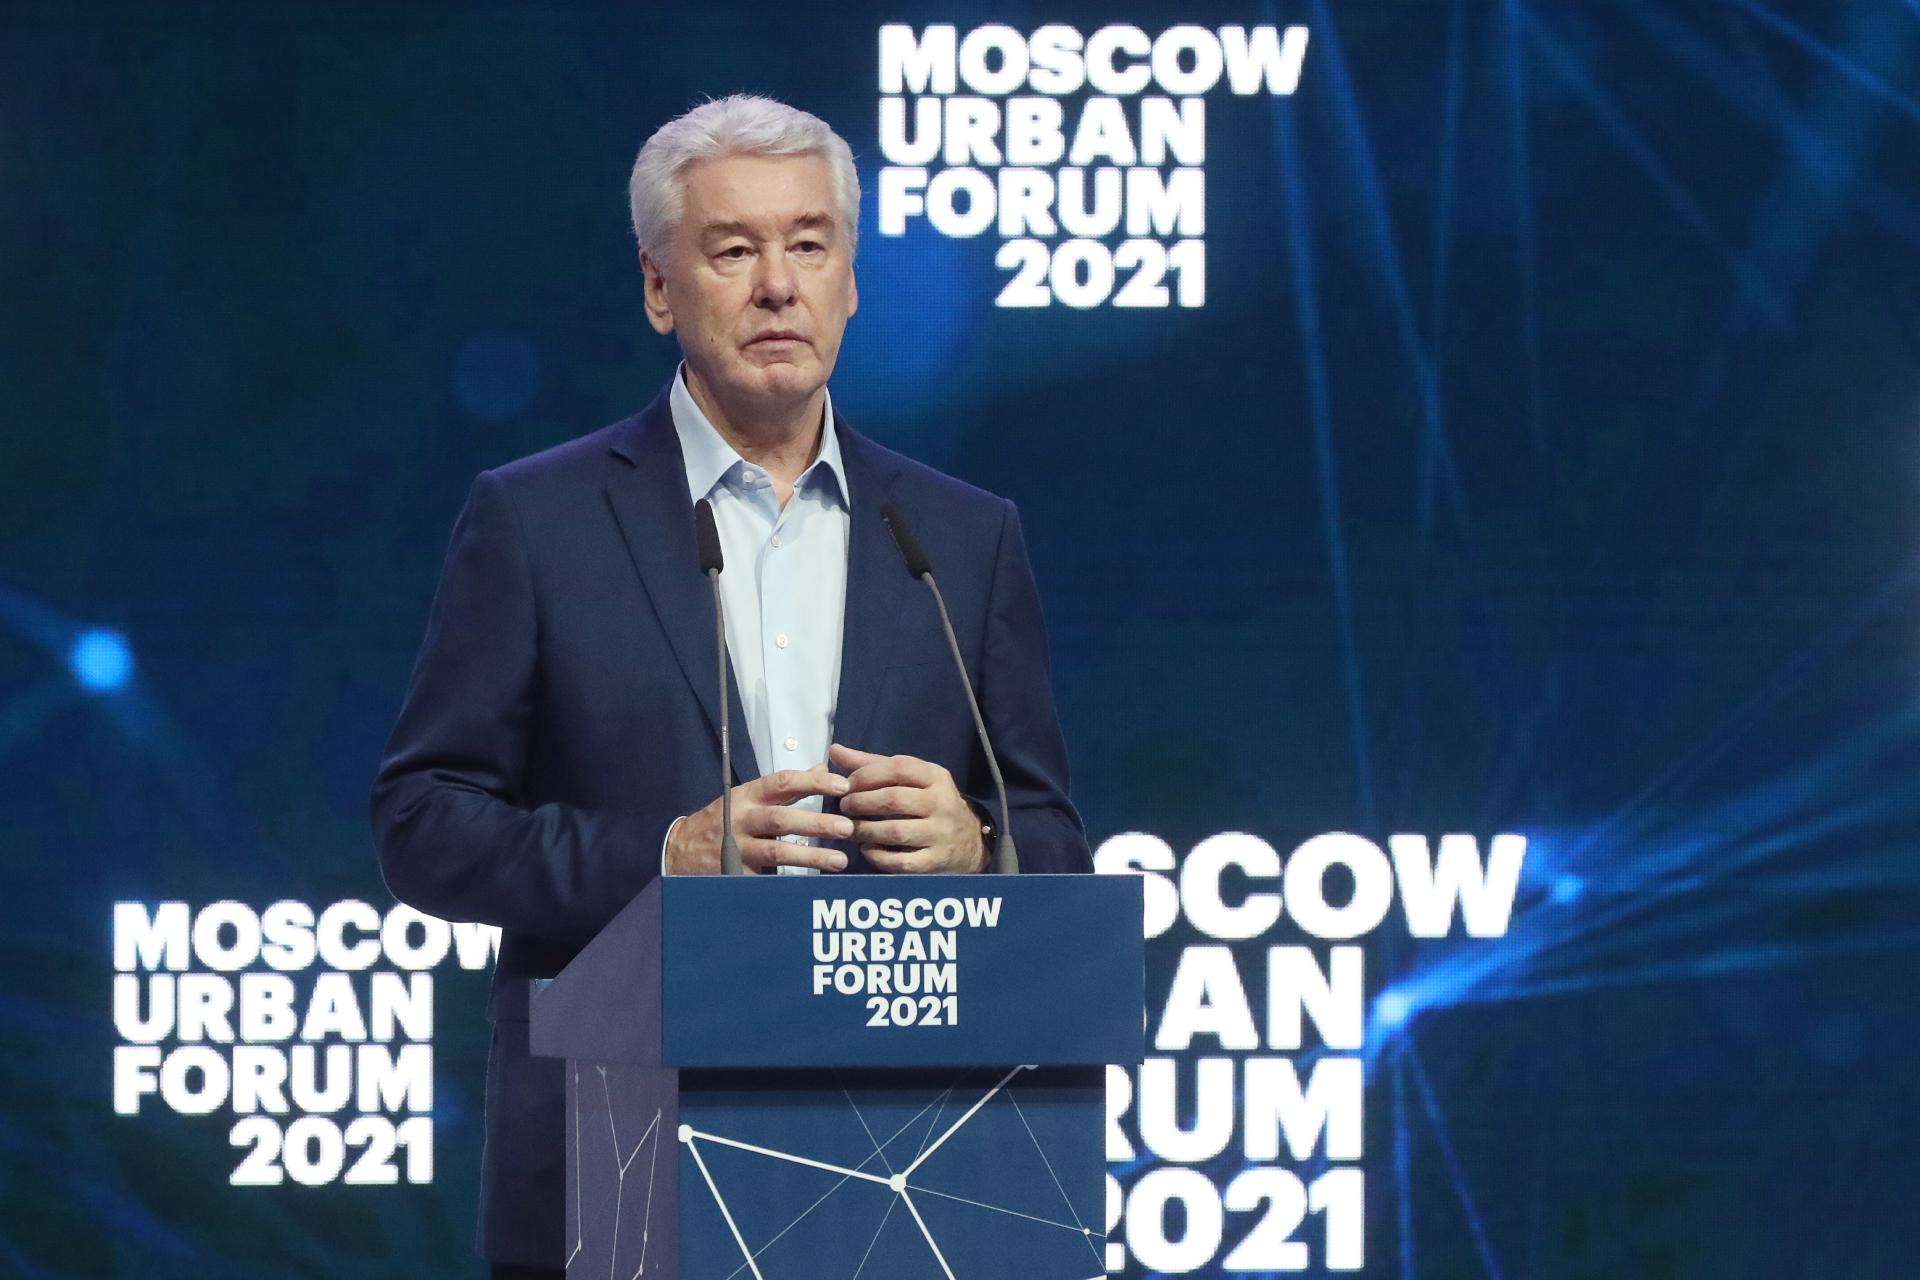 Мэр Москвы Сергей Собянин во время выступления на Московском урбанистическом форуме — 2021 в концертном зале «Зарядье»